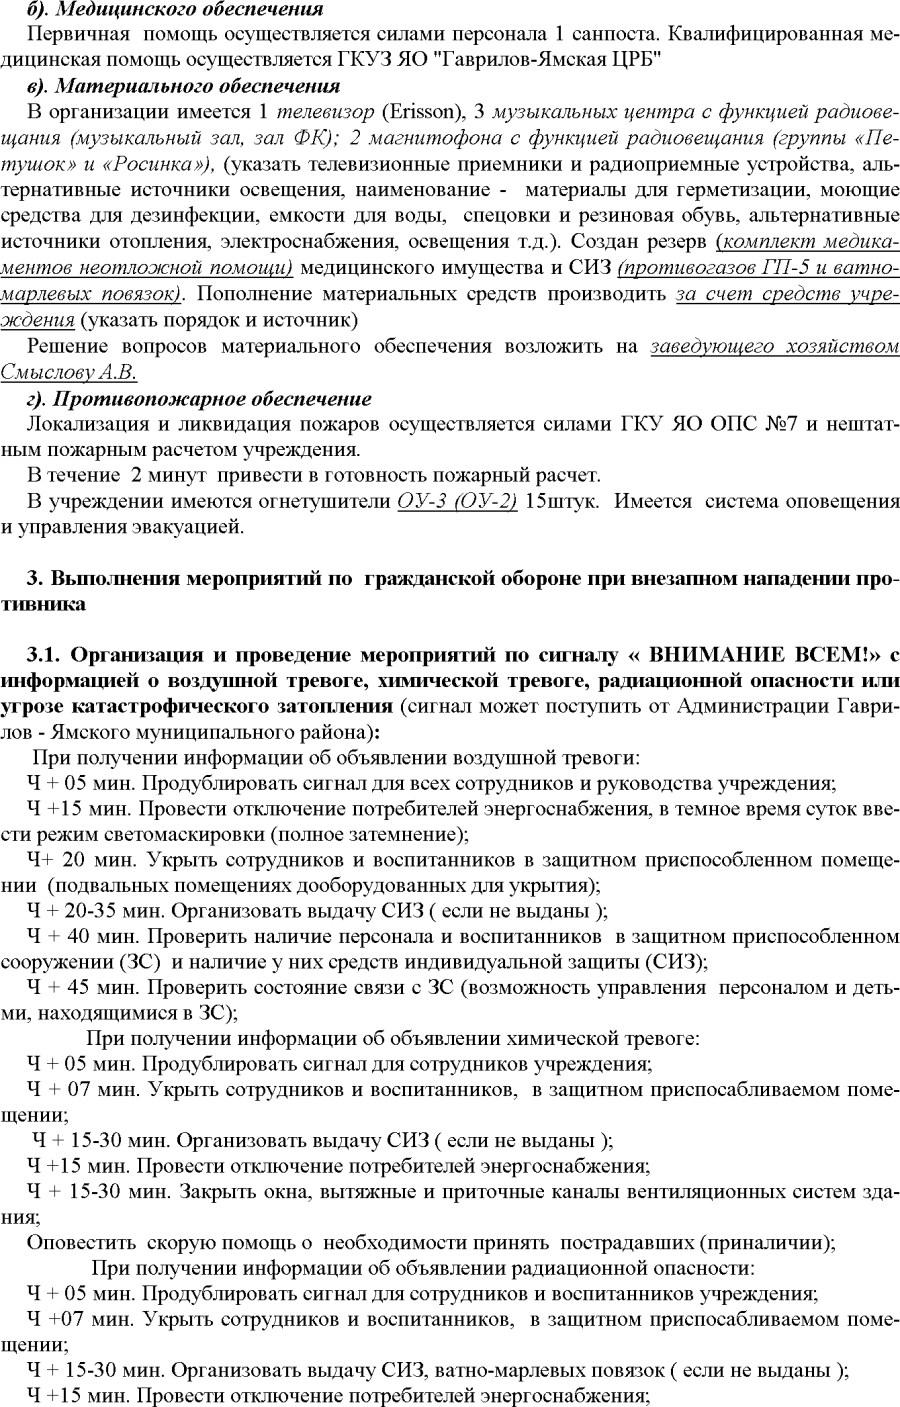 plan-go-obekta-prvv_gavrilovyam-5